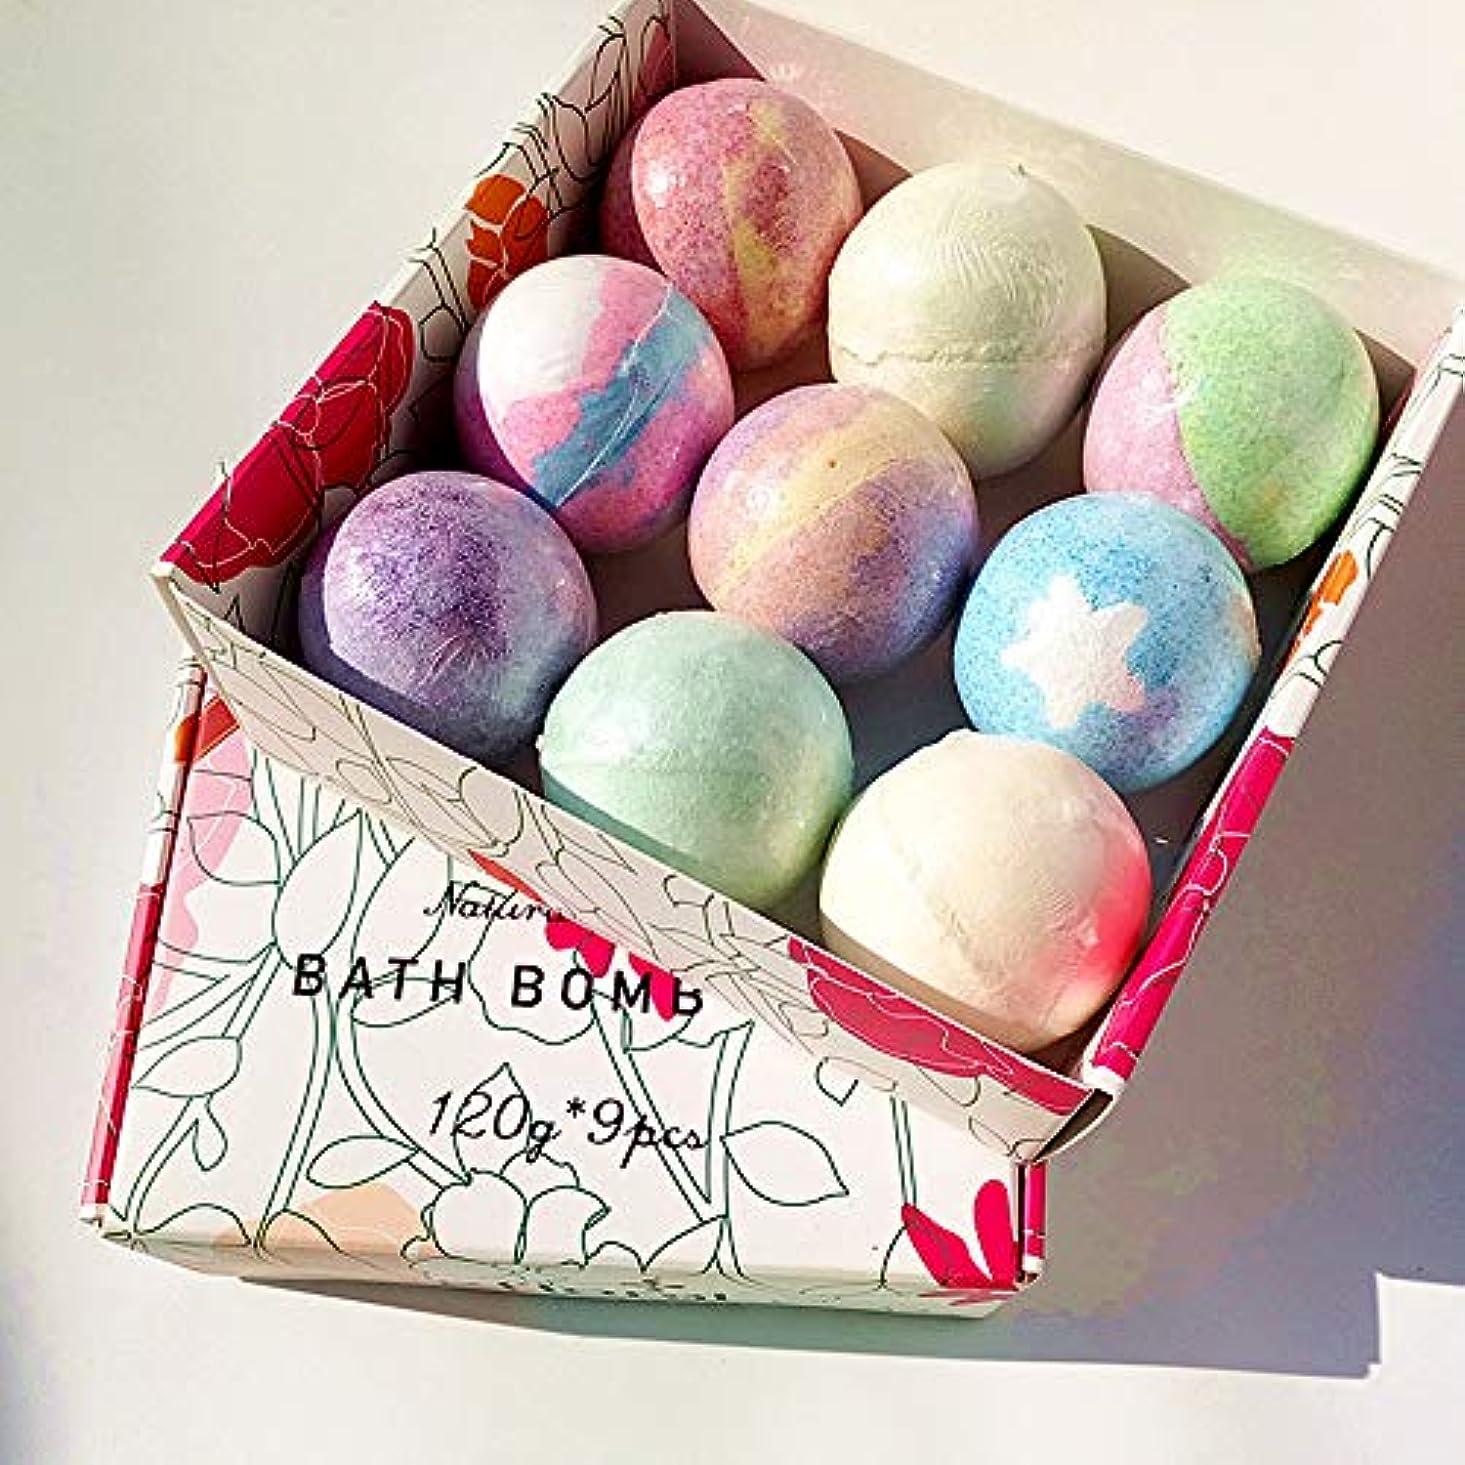 マーキング有能な独占バスボム 炭酸 入浴剤 ギフト 手作り お風呂用 9つの香りキット 天然素材 カラフル バスボール 母の日 プレゼント